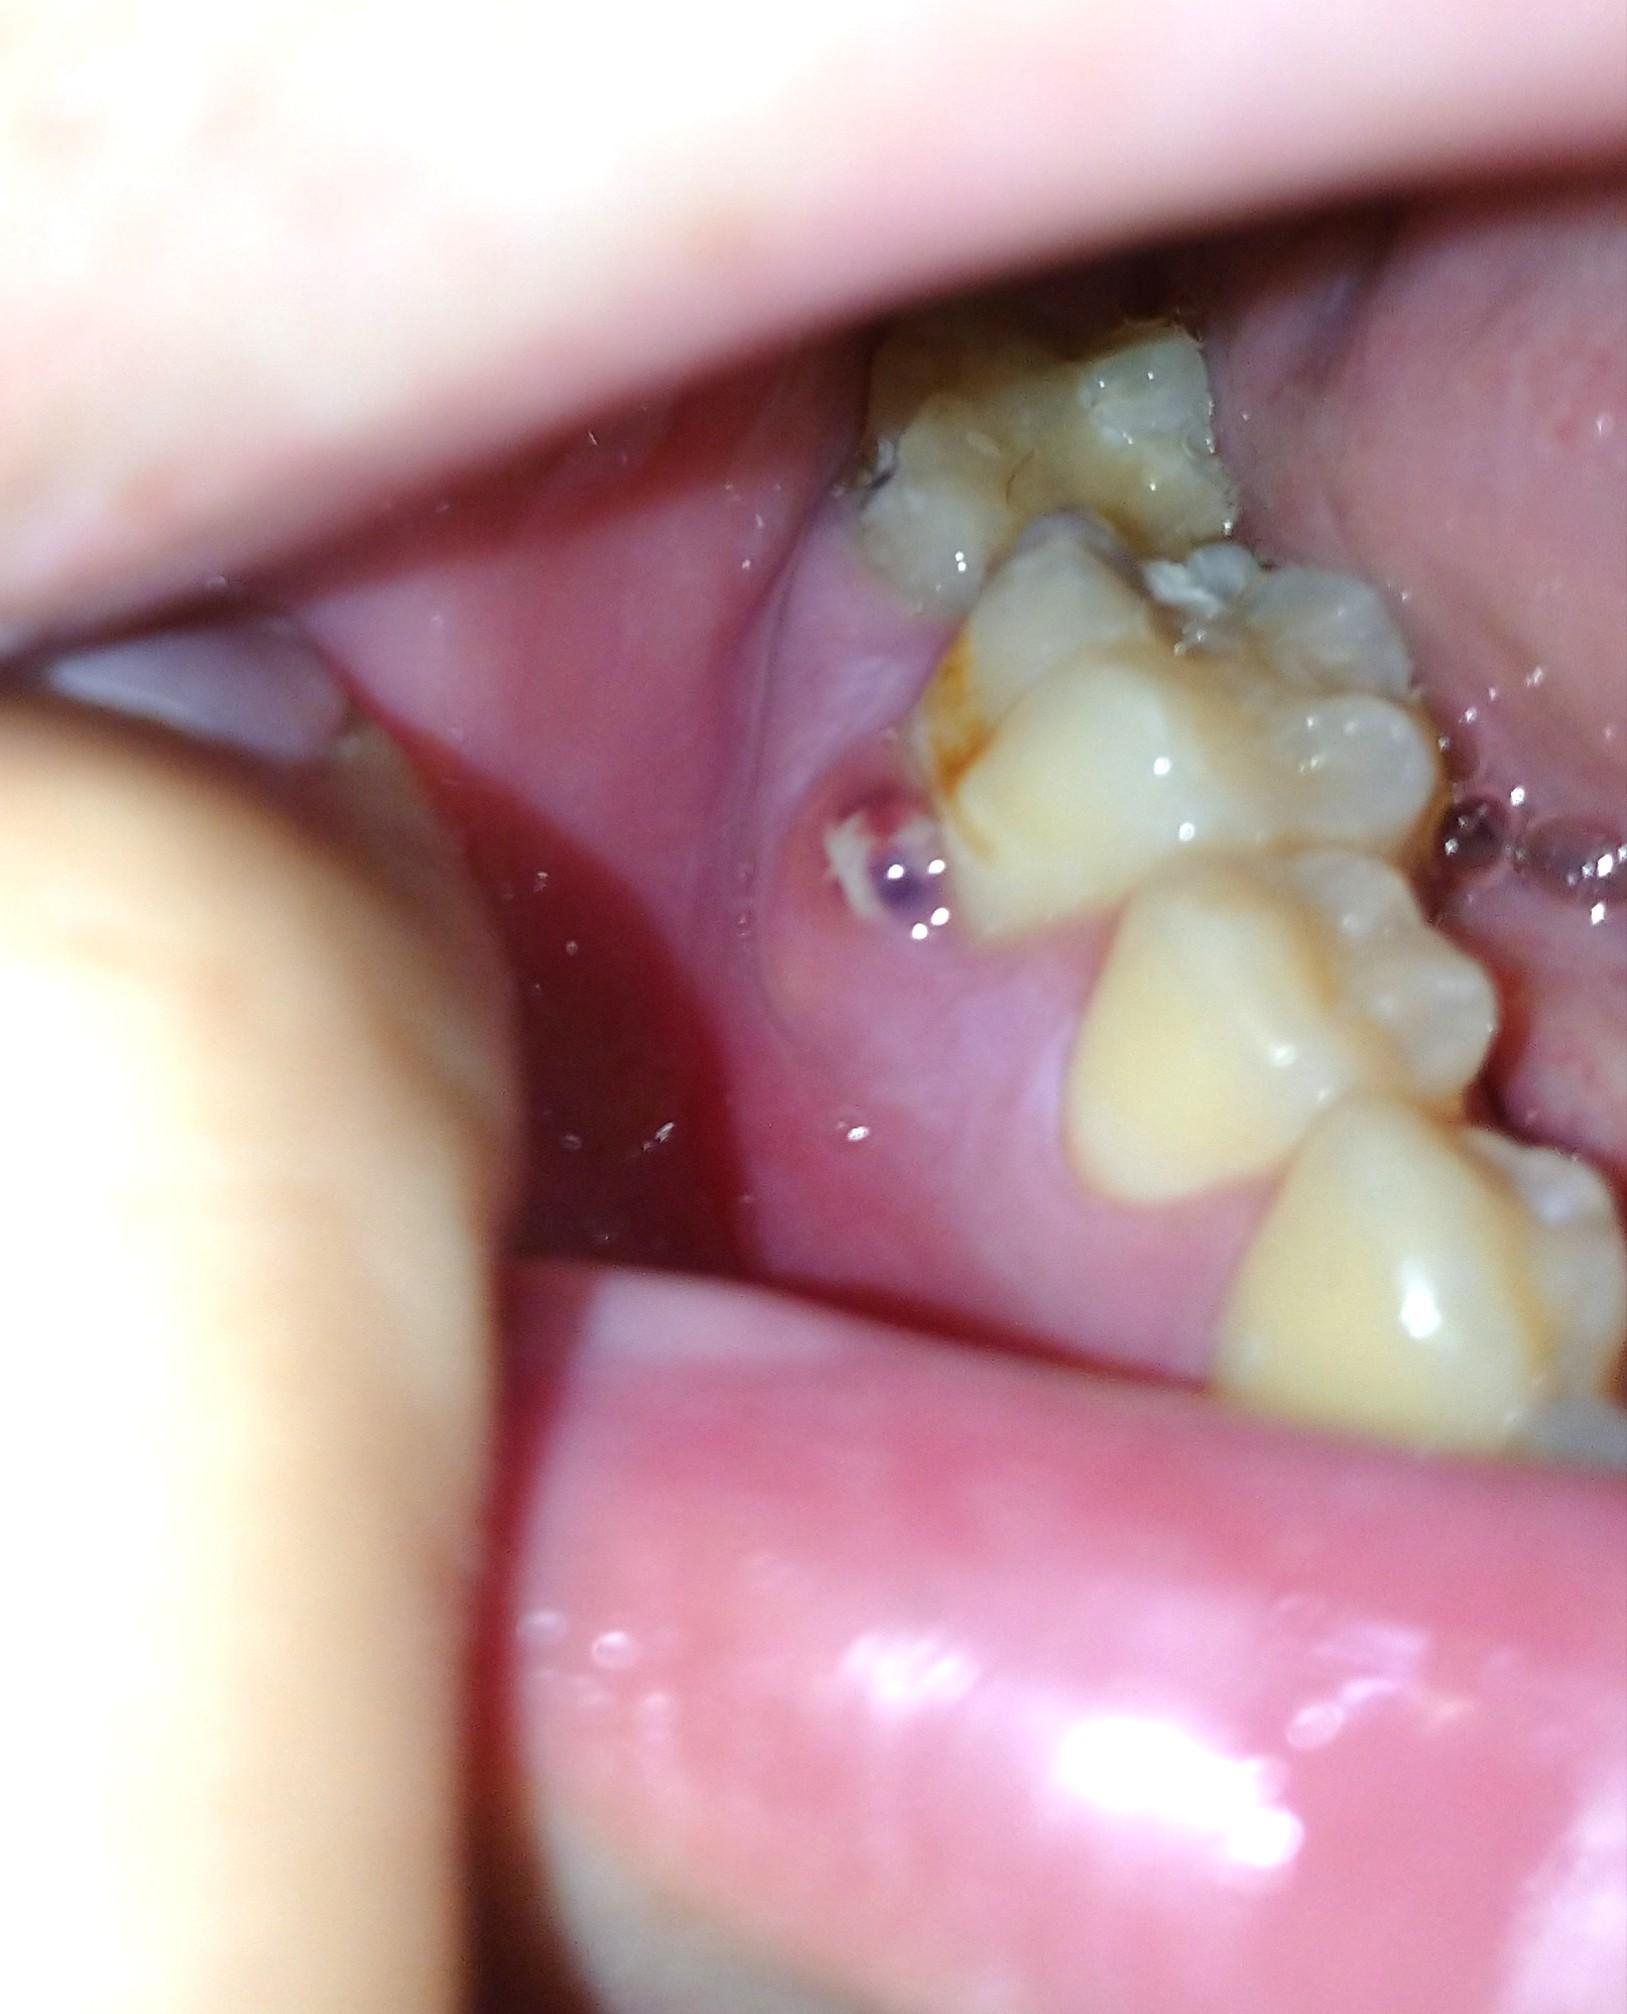 痛い 治療 後 歯 の